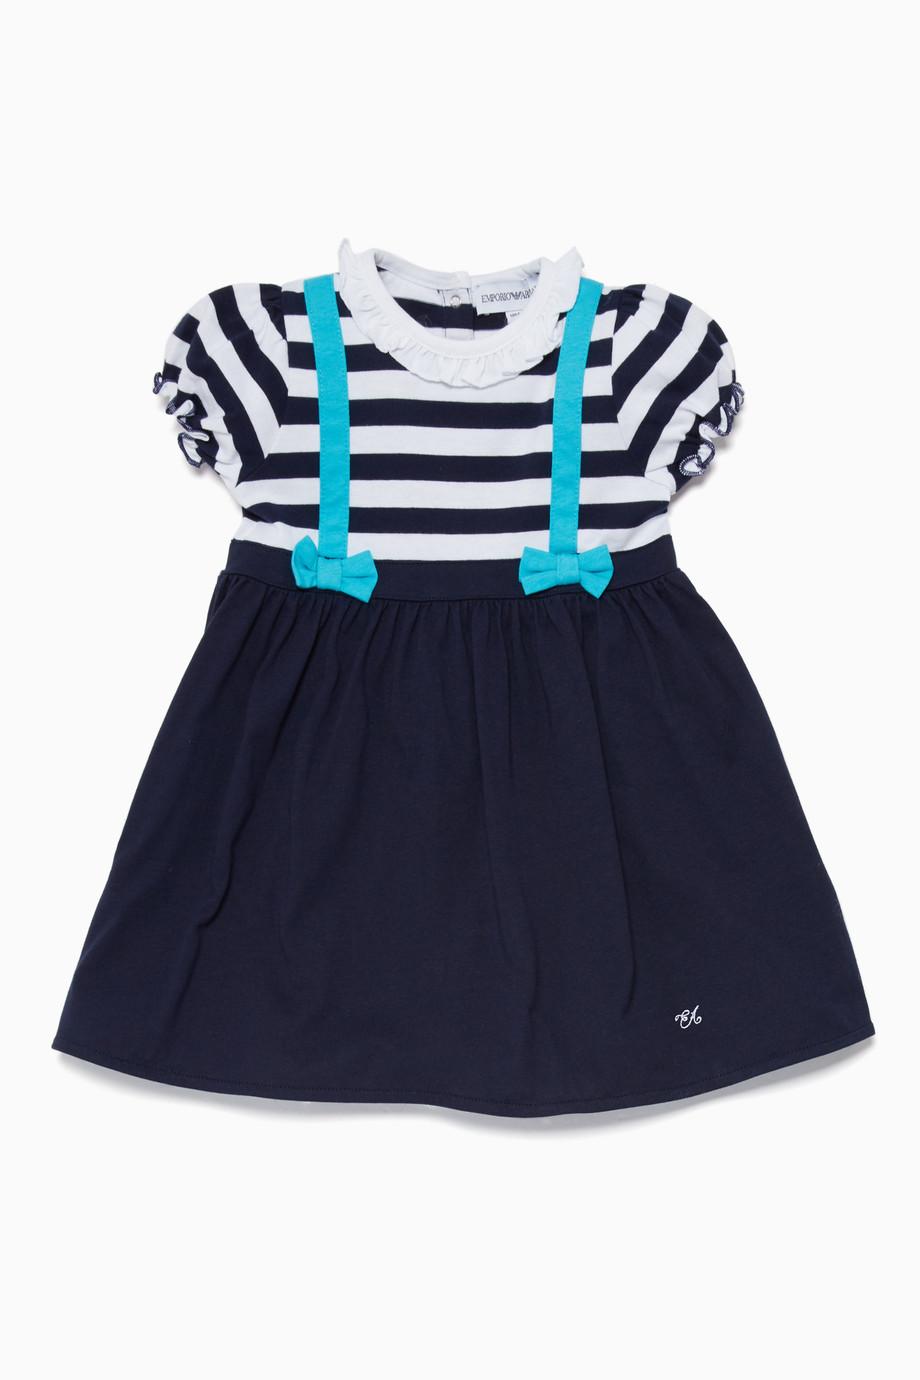 9d5e04c6de9a3b Shop Emporio Armani Blue Navy   White Cotton Dress for Kids